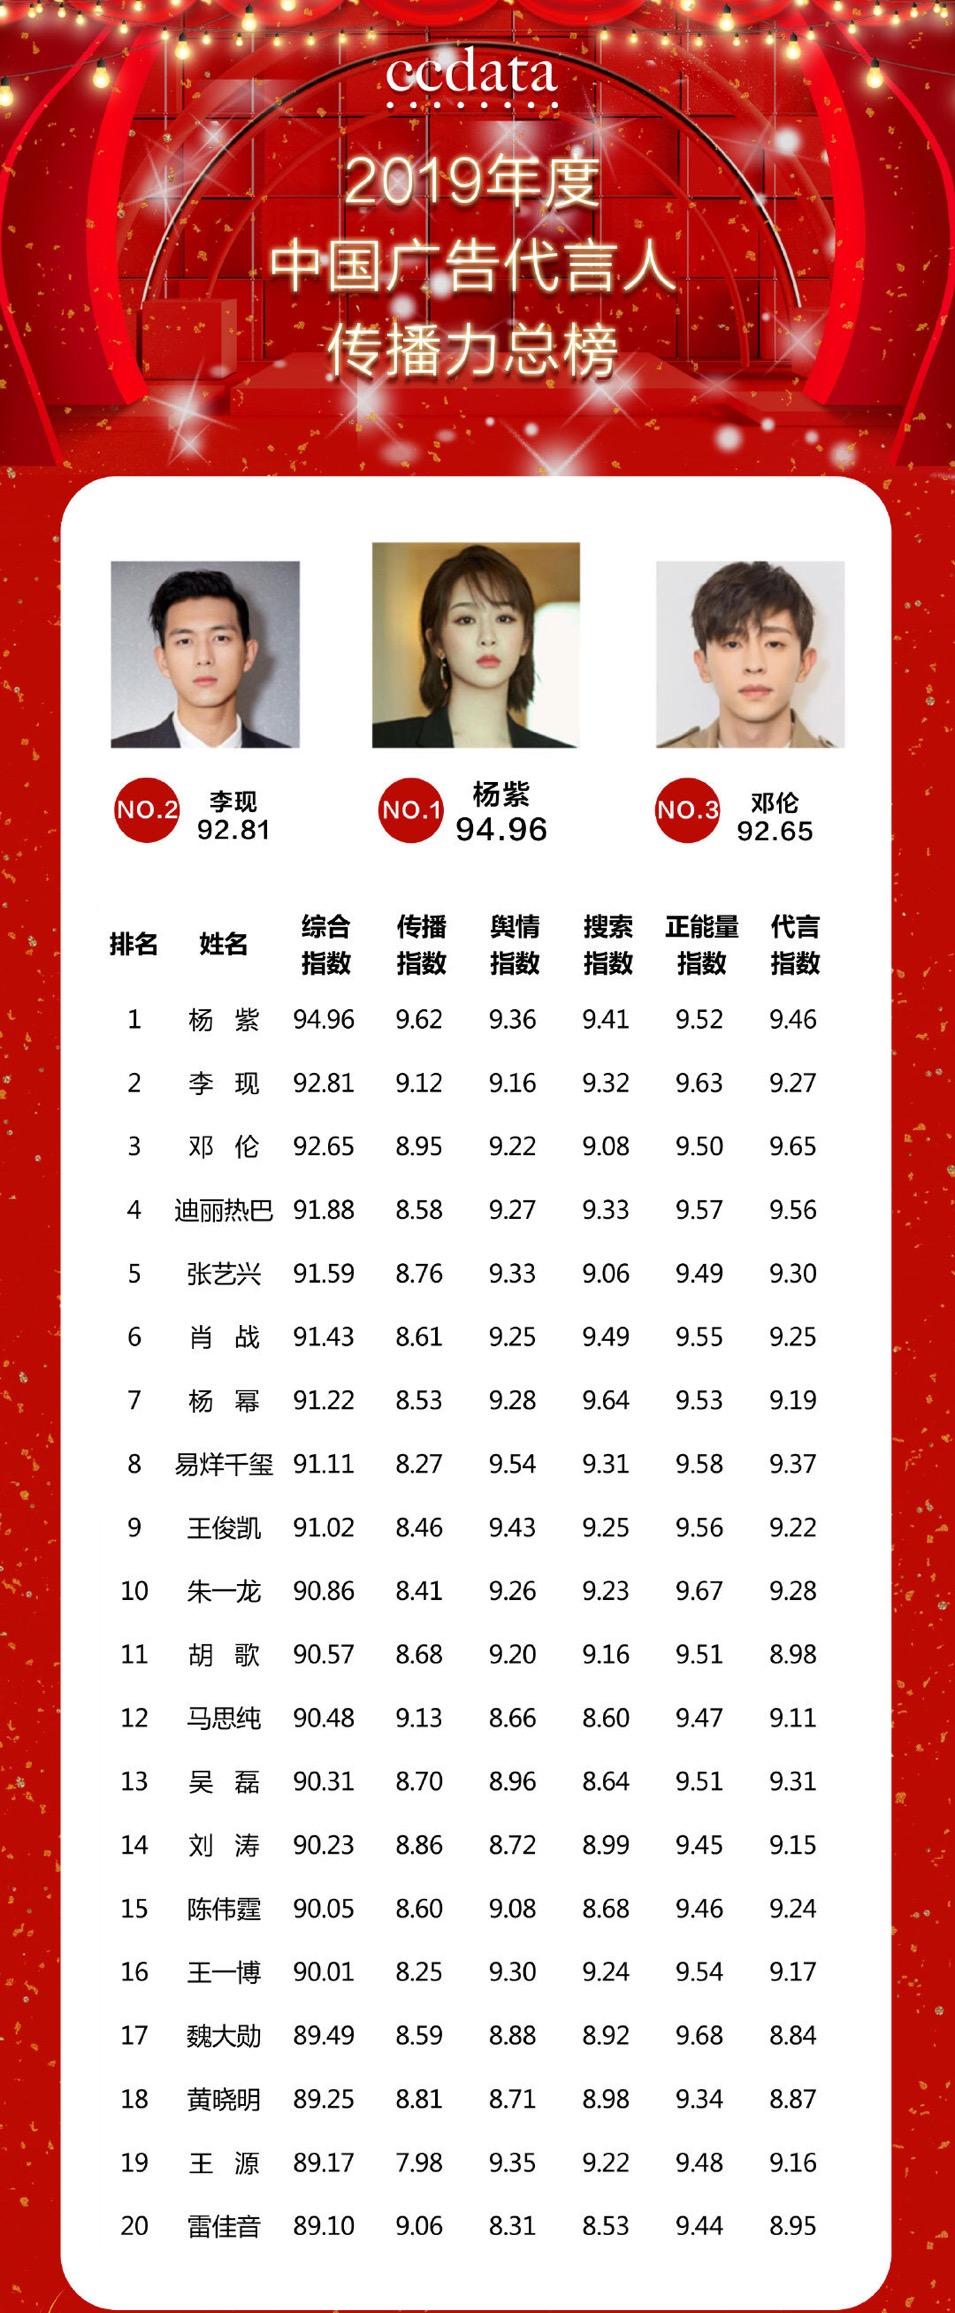 19年广告代言榜:杨紫位列第一,肖战没进前五,王一博最让人意外